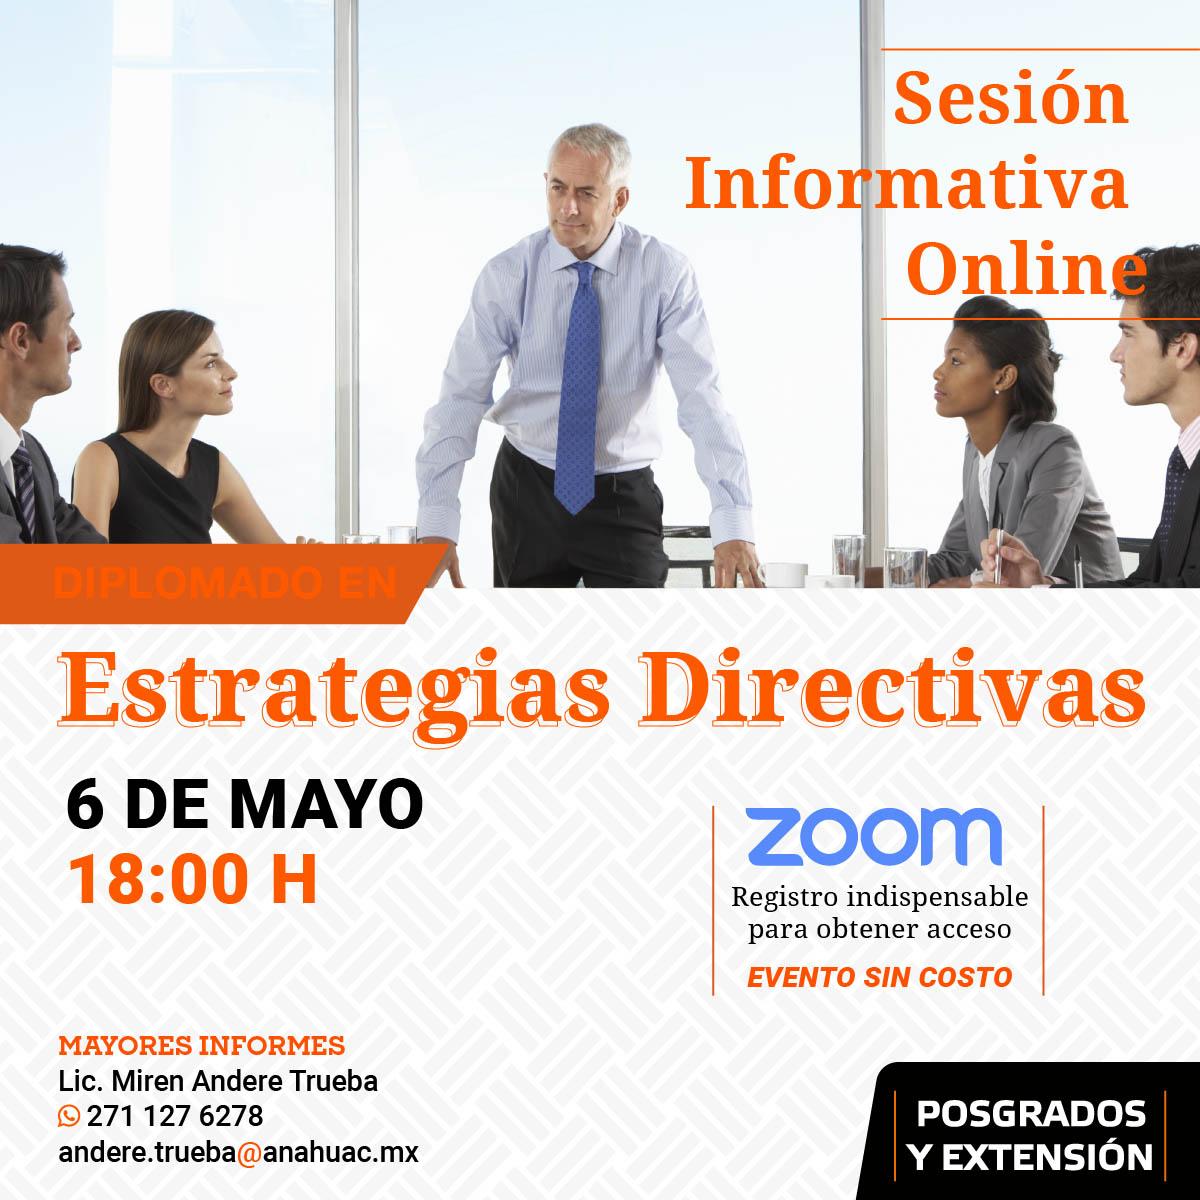 Sesión Informativa Online